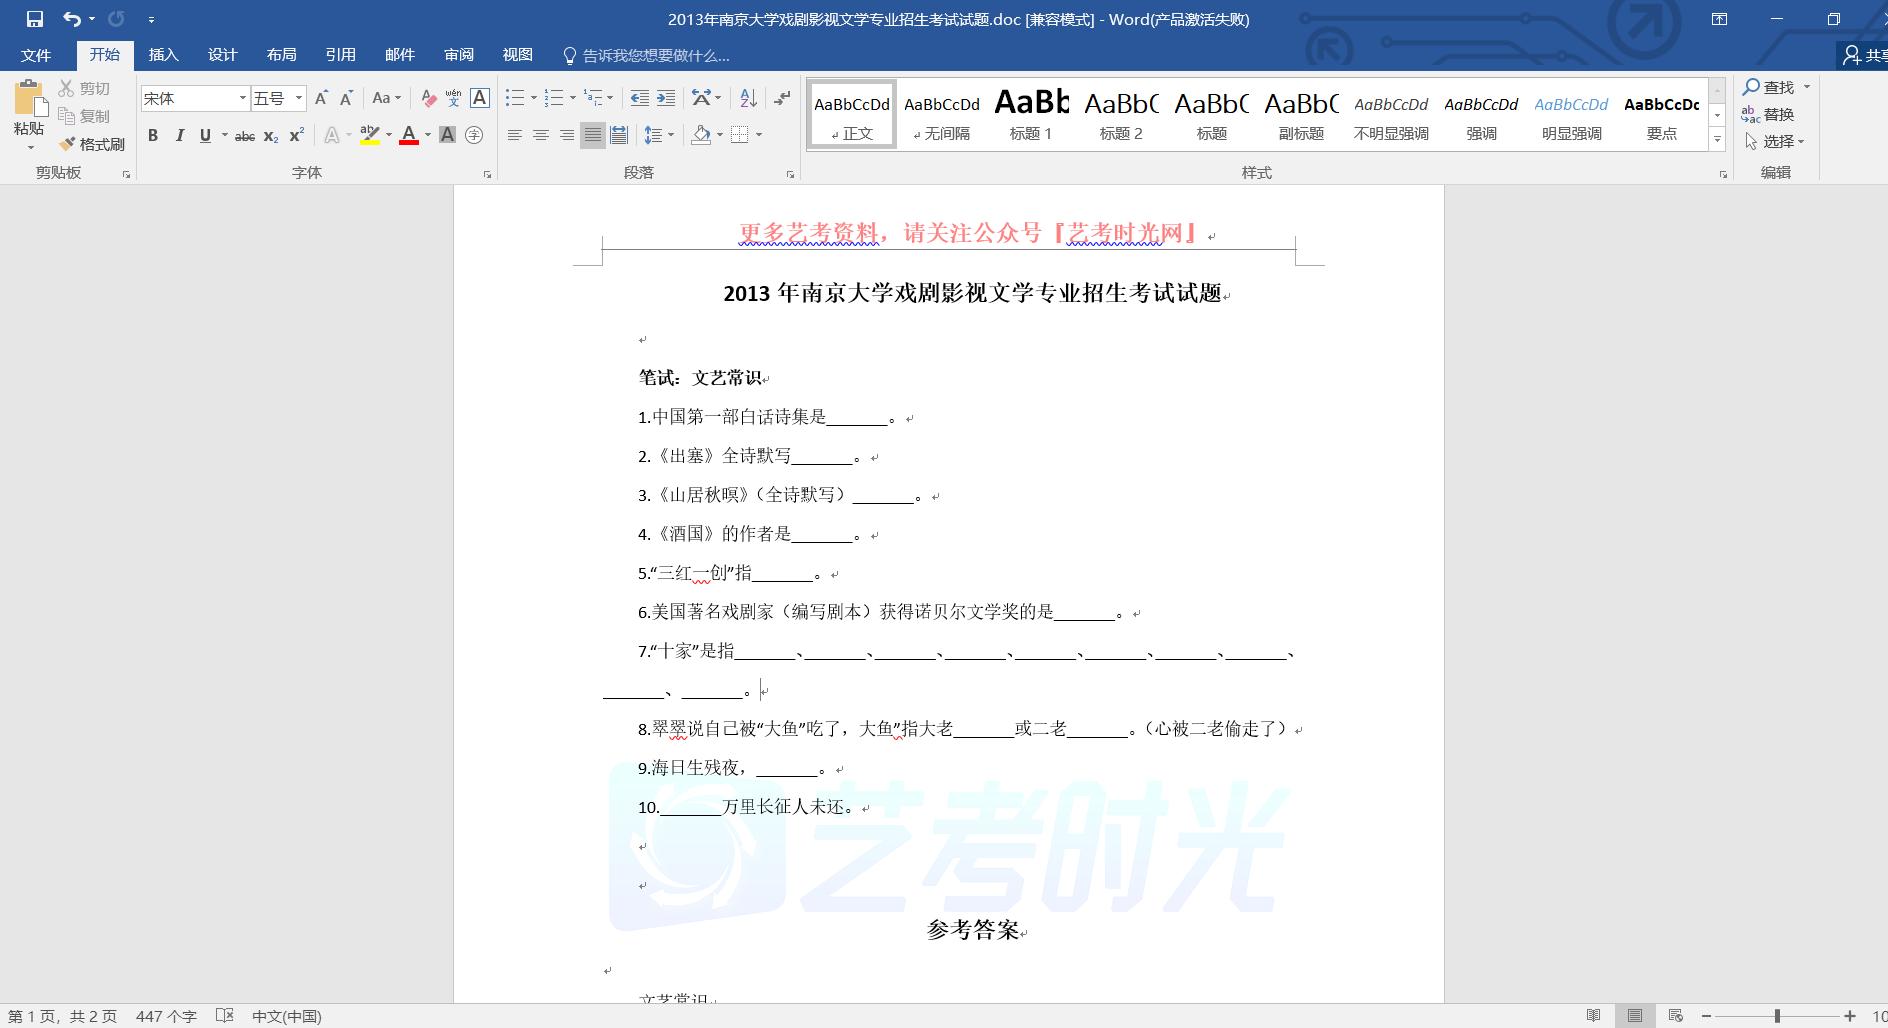 2013年南京大学戏剧影视文学考试真题(含答案)